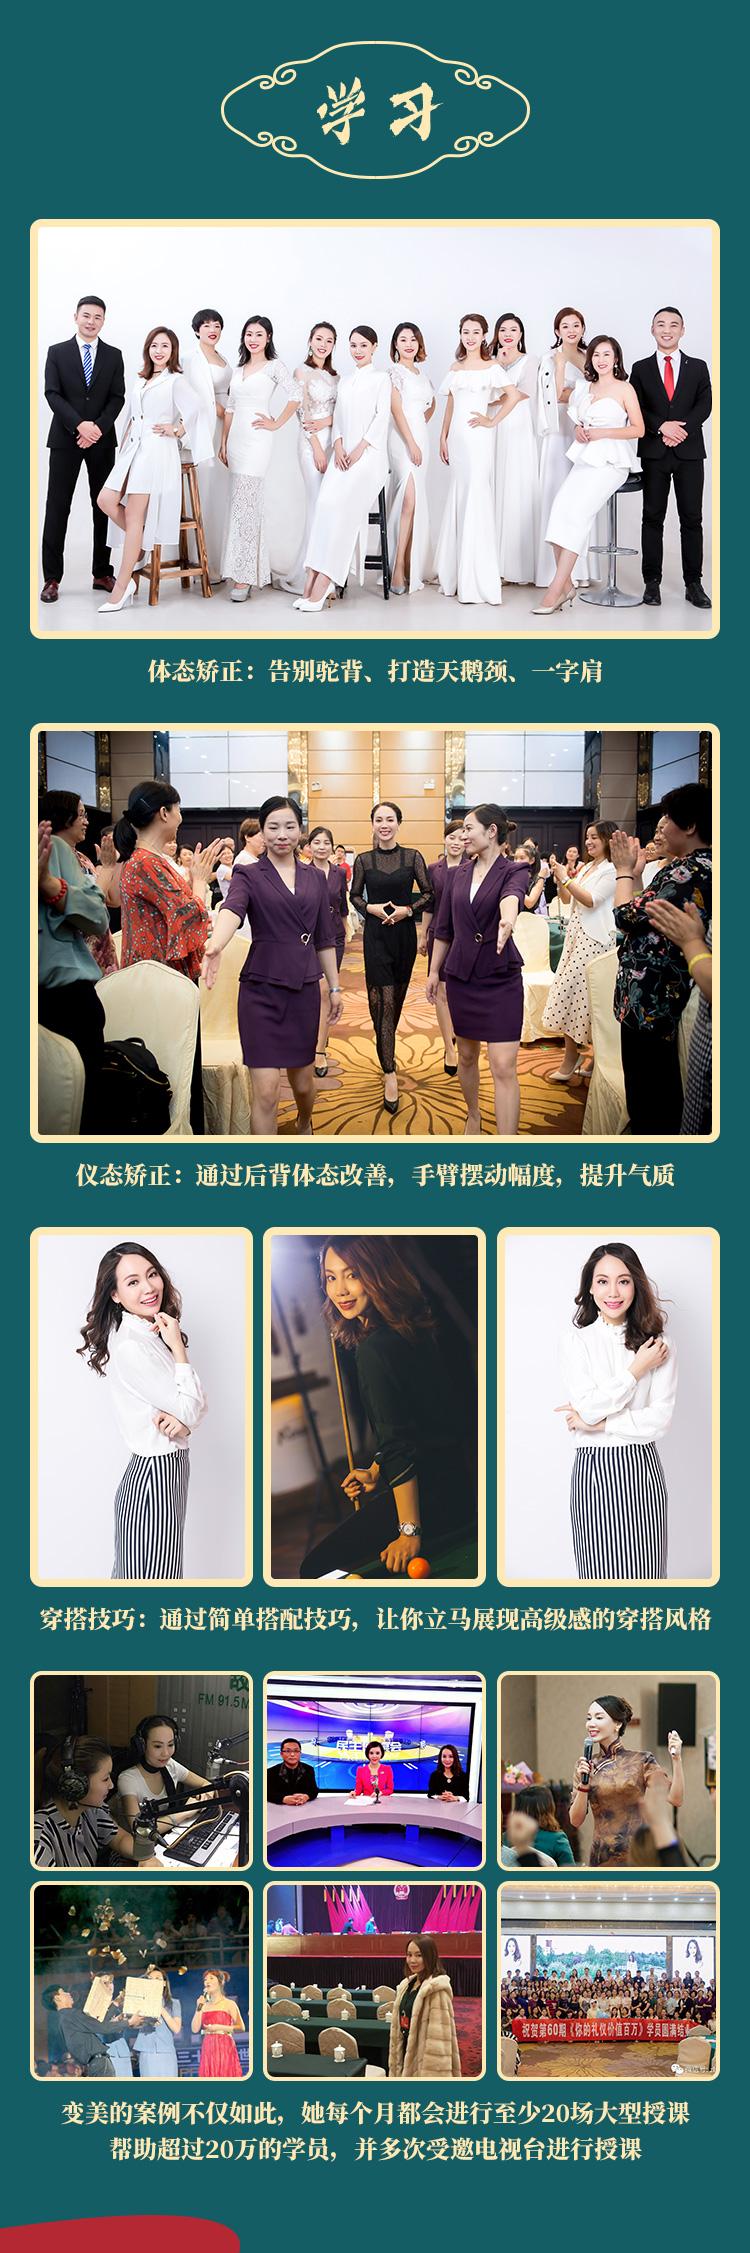 气质女人仪态修炼术-详情页-第三版_05.jpg